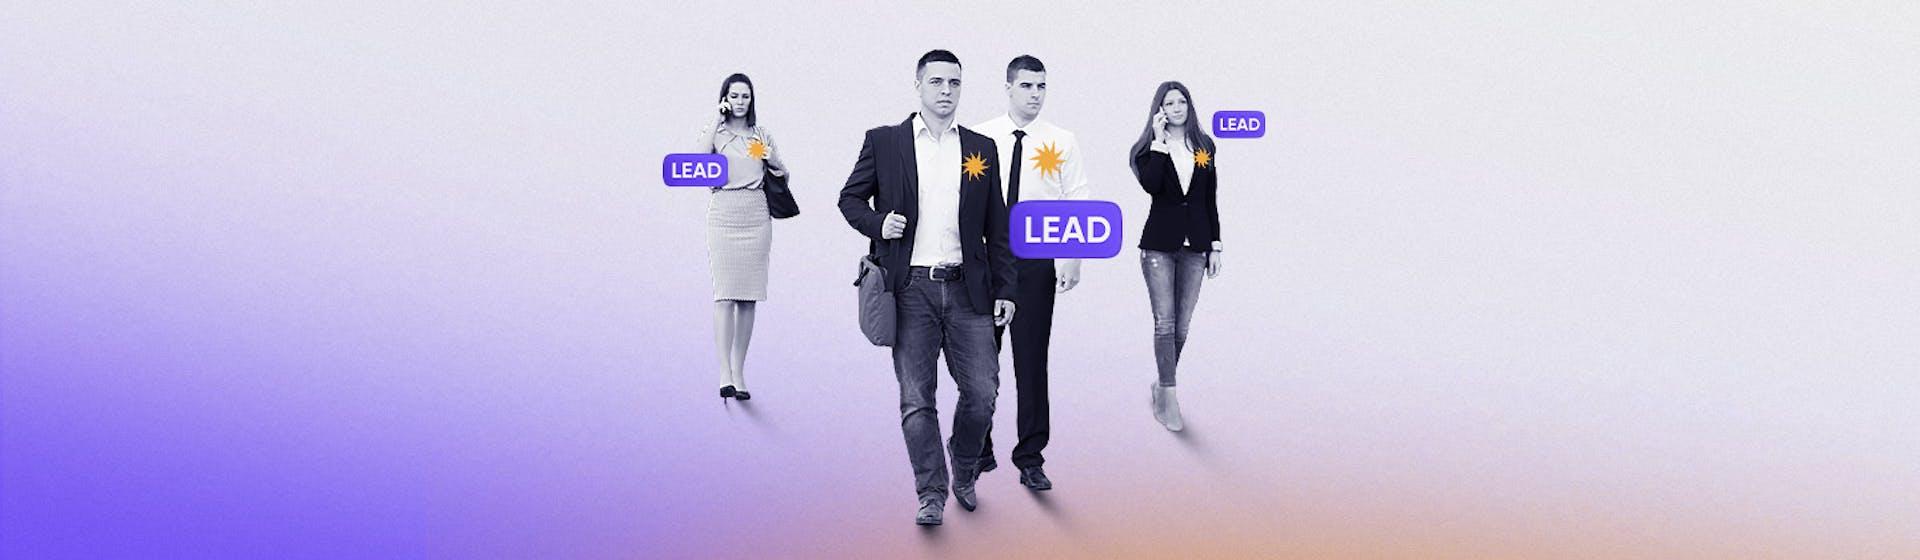 Mejora tu embudo de marketing y obtén una lluvia de leads cualificados